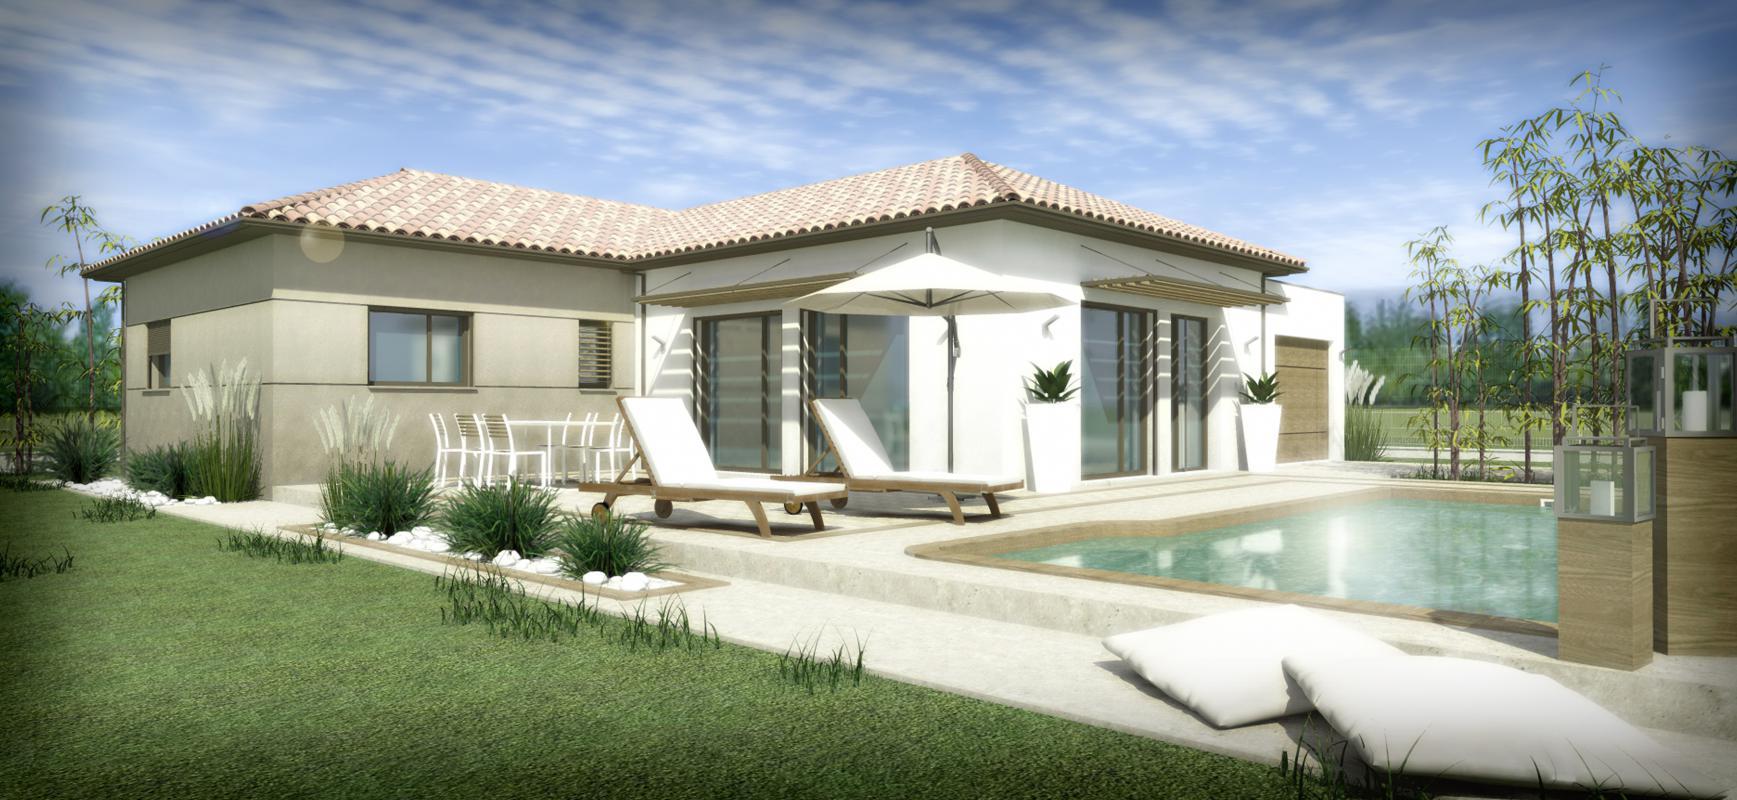 Maisons + Terrains du constructeur SM 11 • 100 m² • SAINT GENIES DE FONTEDIT